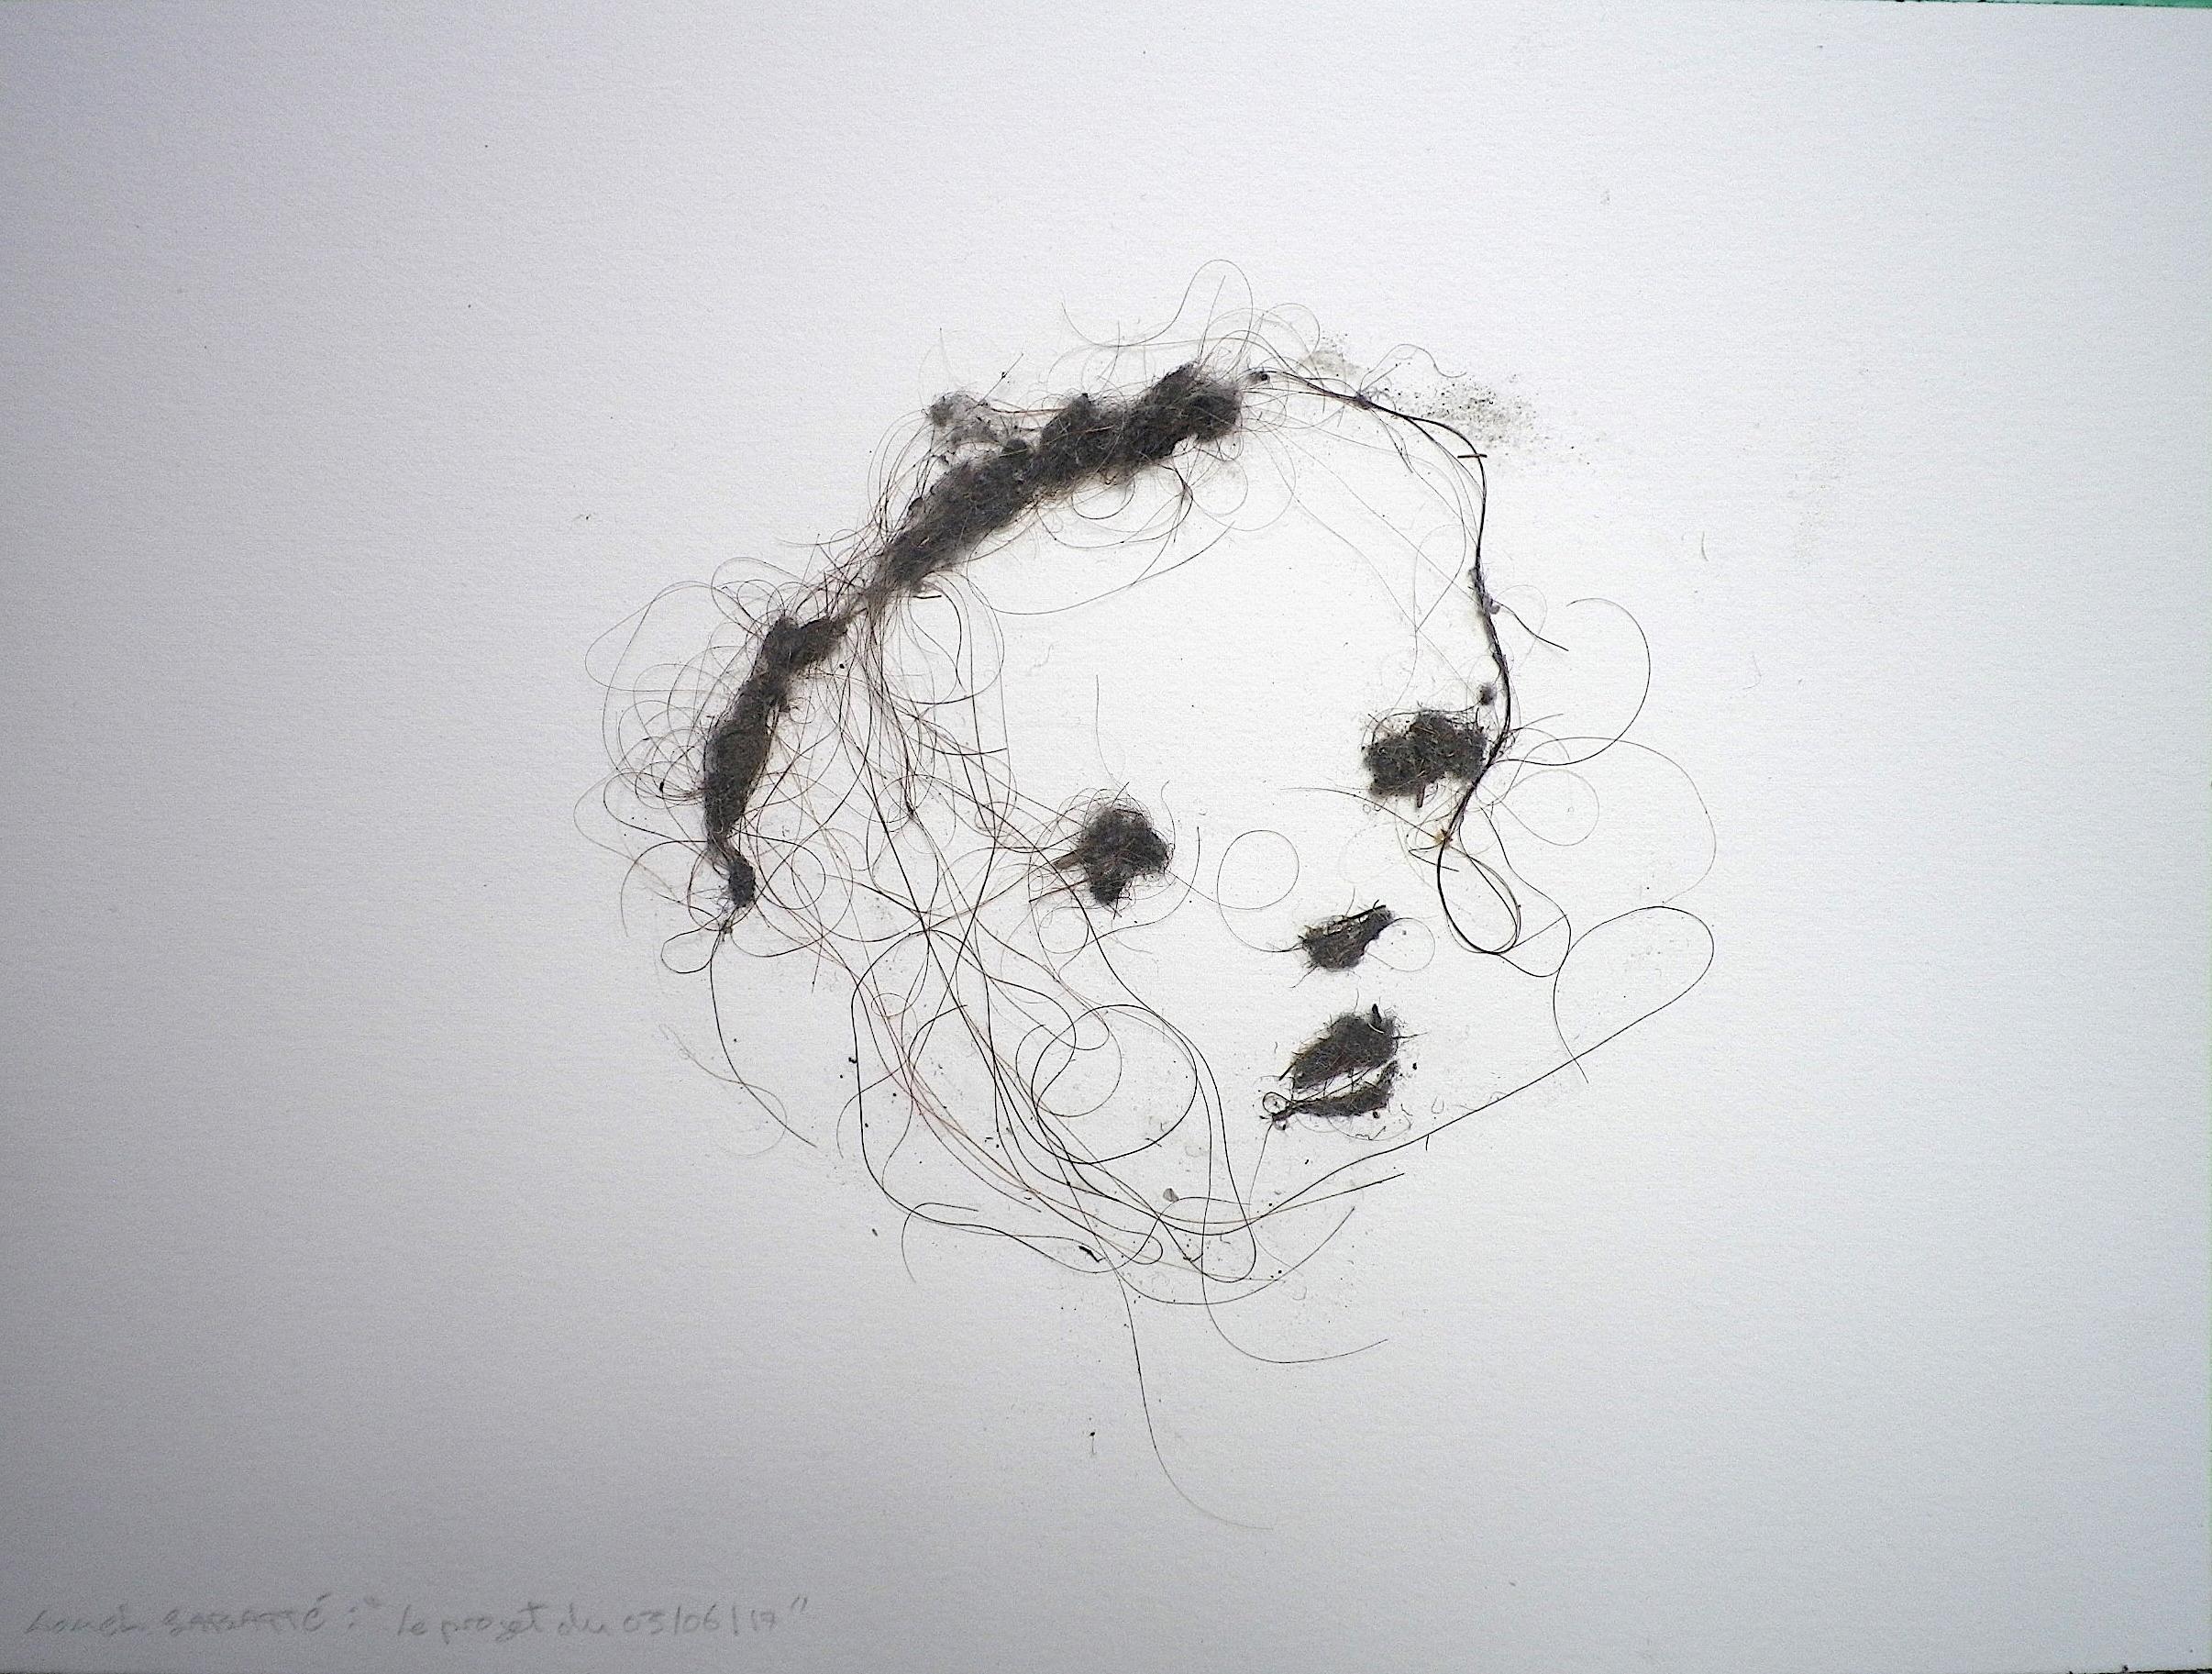 lionel-sabatte-le-projet-du-03-06-17-poussière-sur-papier-Arches-23x31cm.JPG